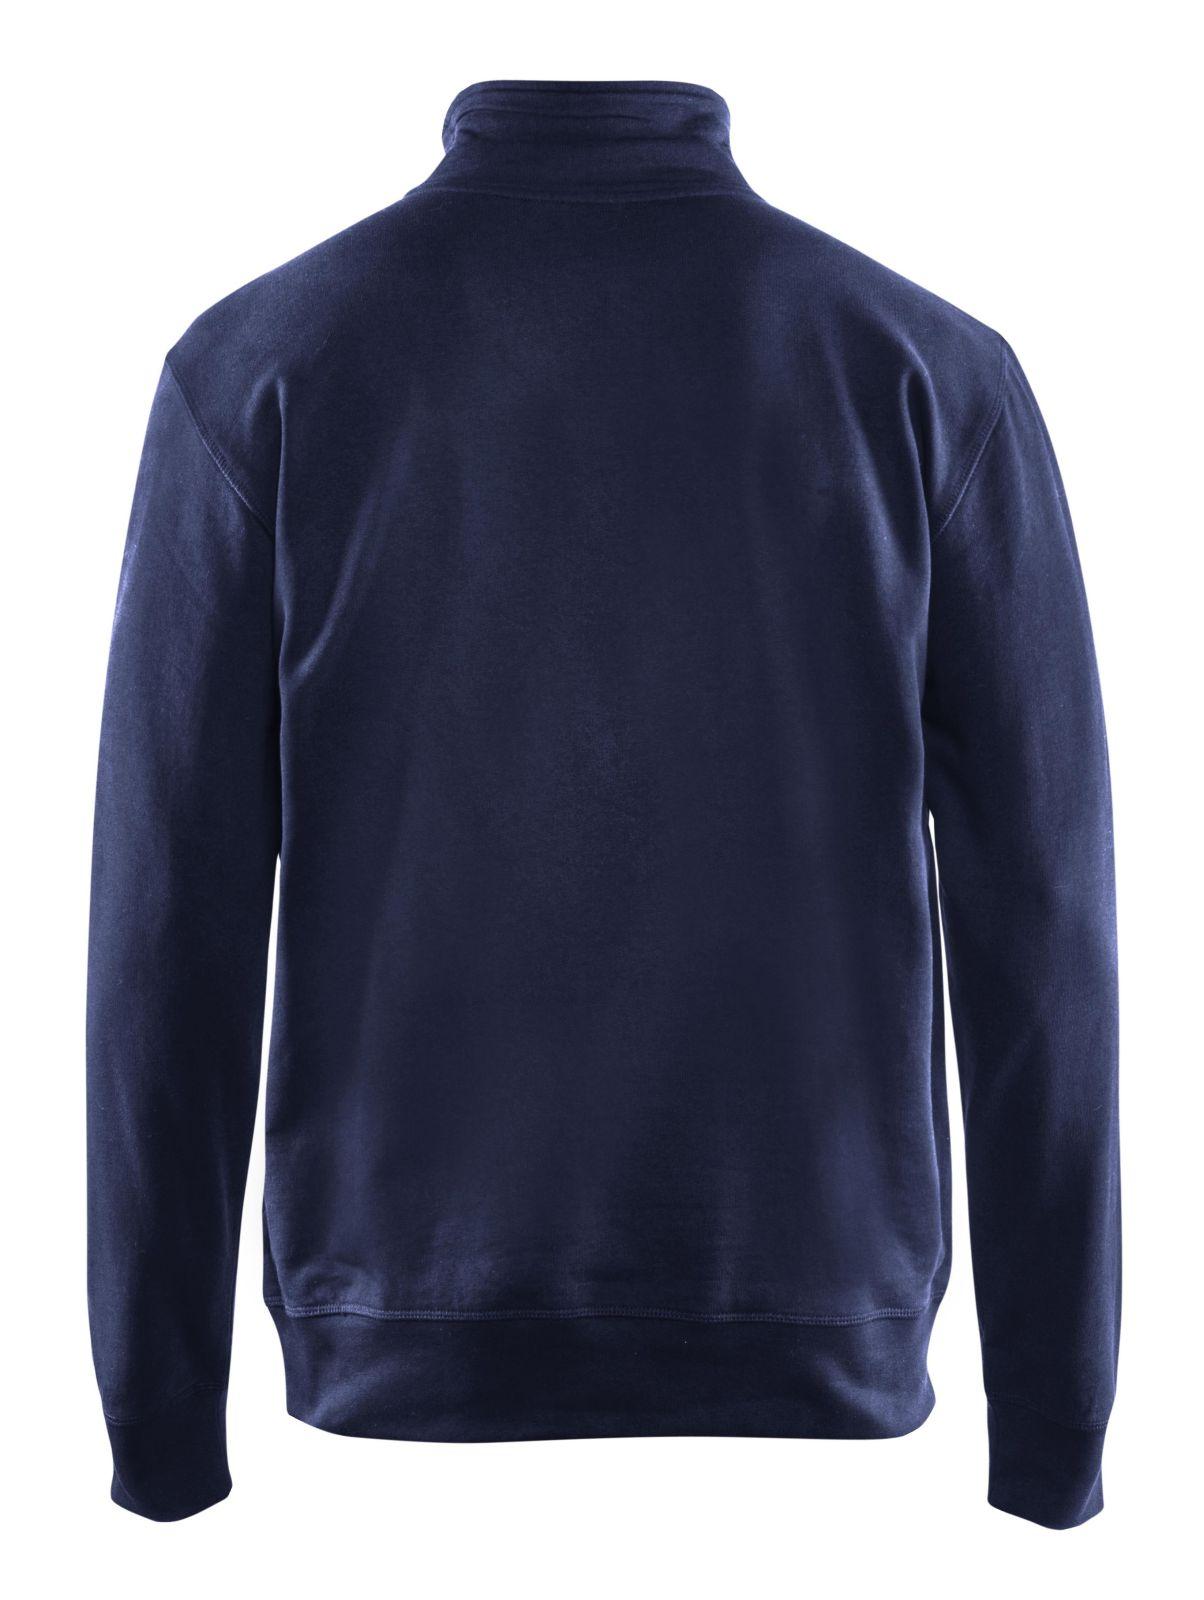 Blaklader Truien 33691158 marineblauw(8900)